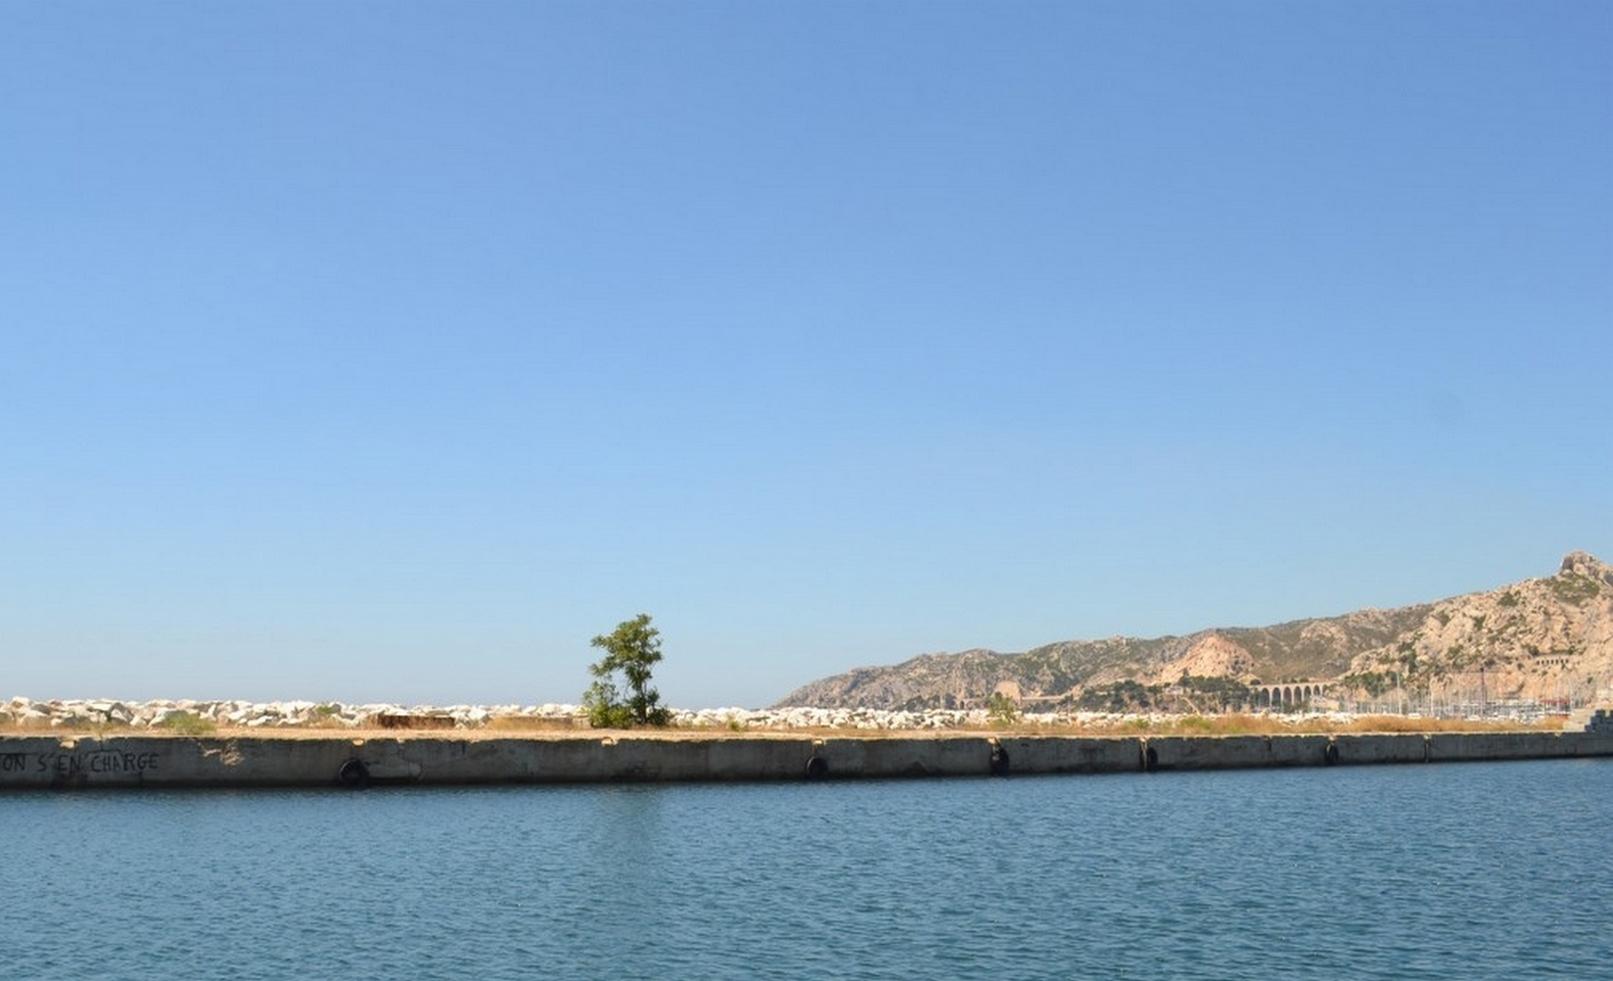 L'Estaque vue de la mer. ©MD